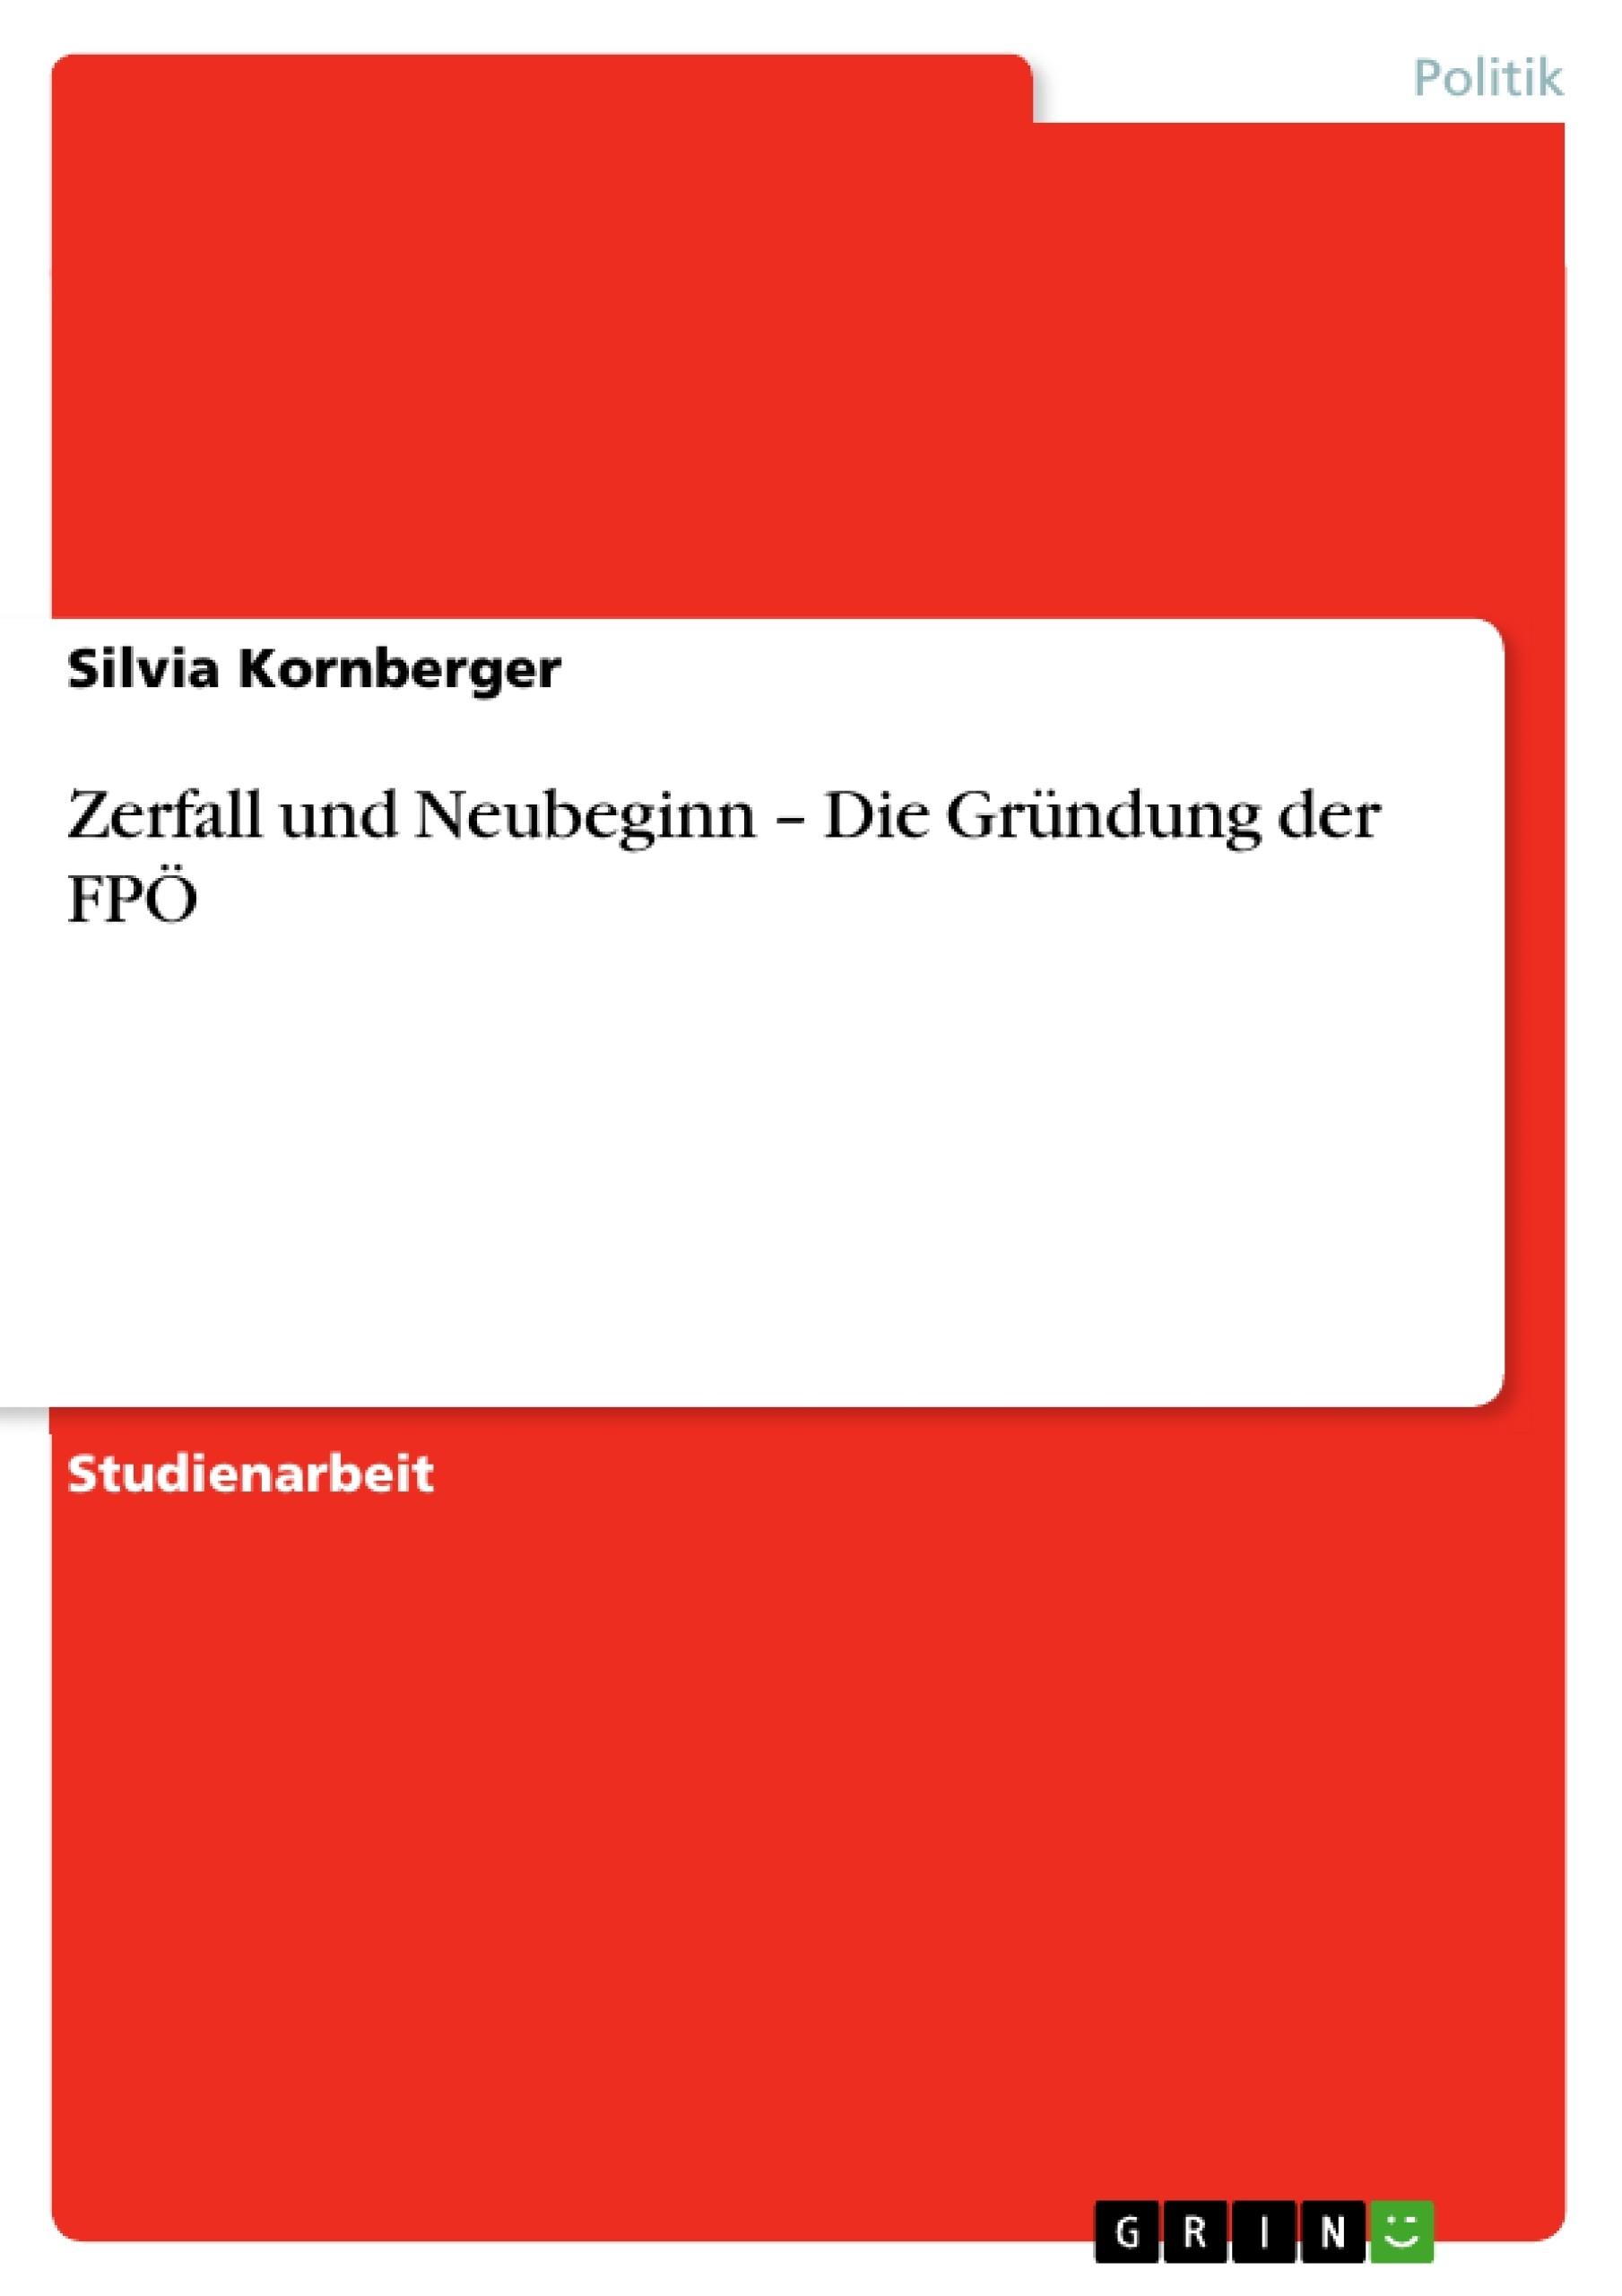 Titel: Zerfall und Neubeginn – Die Gründung der FPÖ